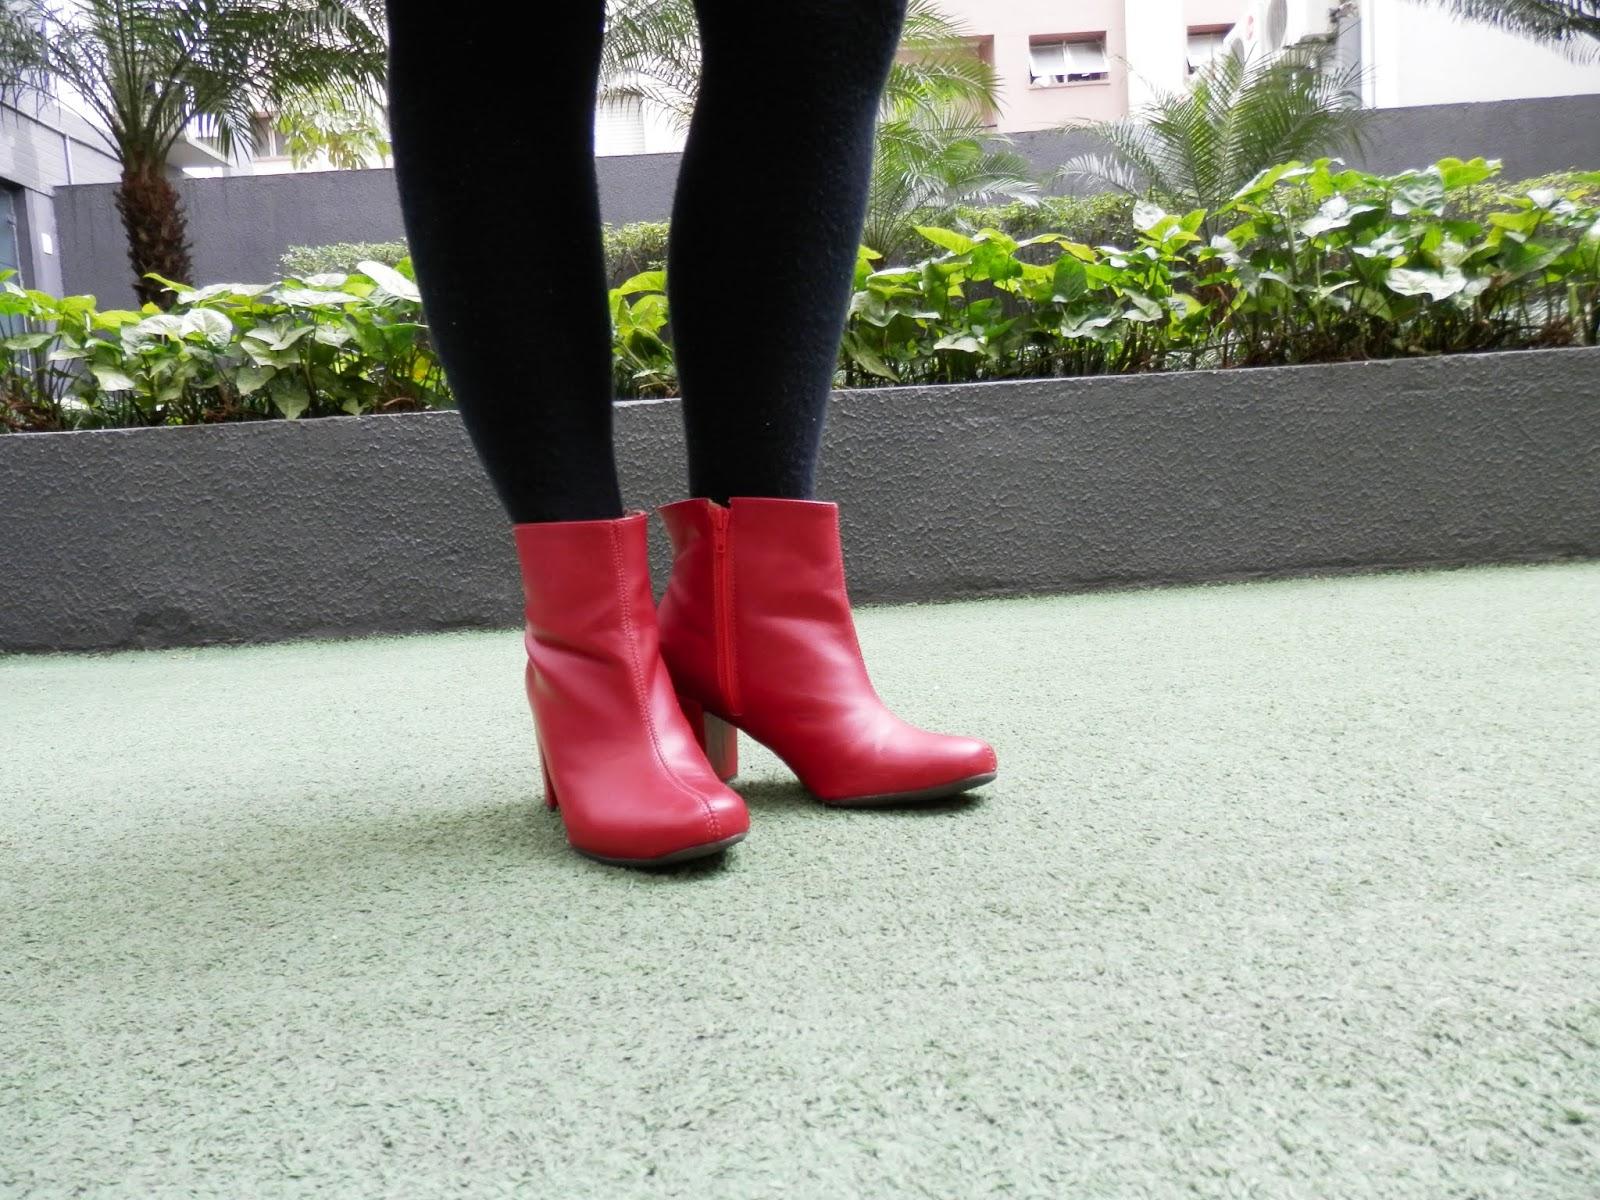 bota vermelha da zatini é confortável